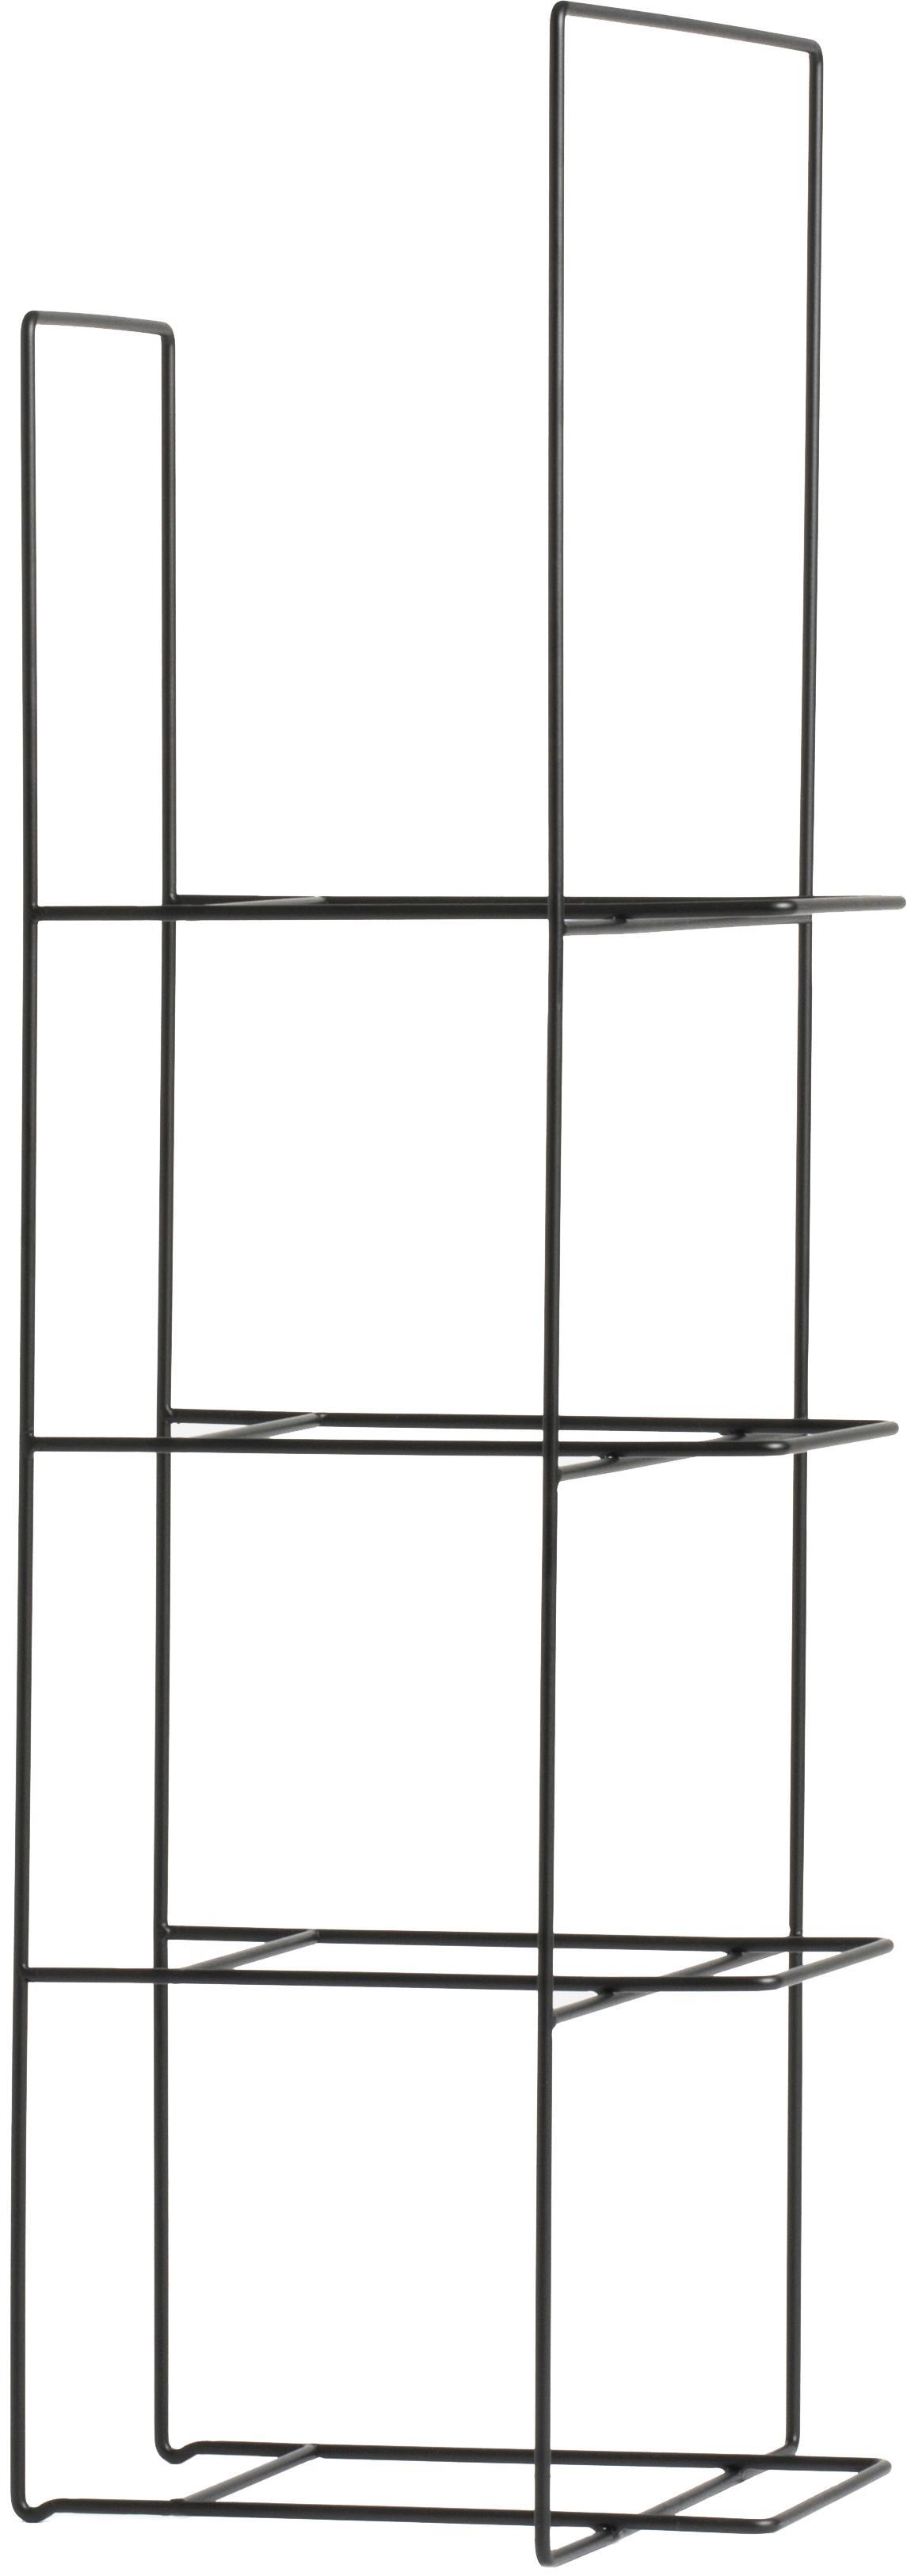 Estantería de metal Rewire, Metal con pintura en polvo, Negro, An 29 x Al 80 cm